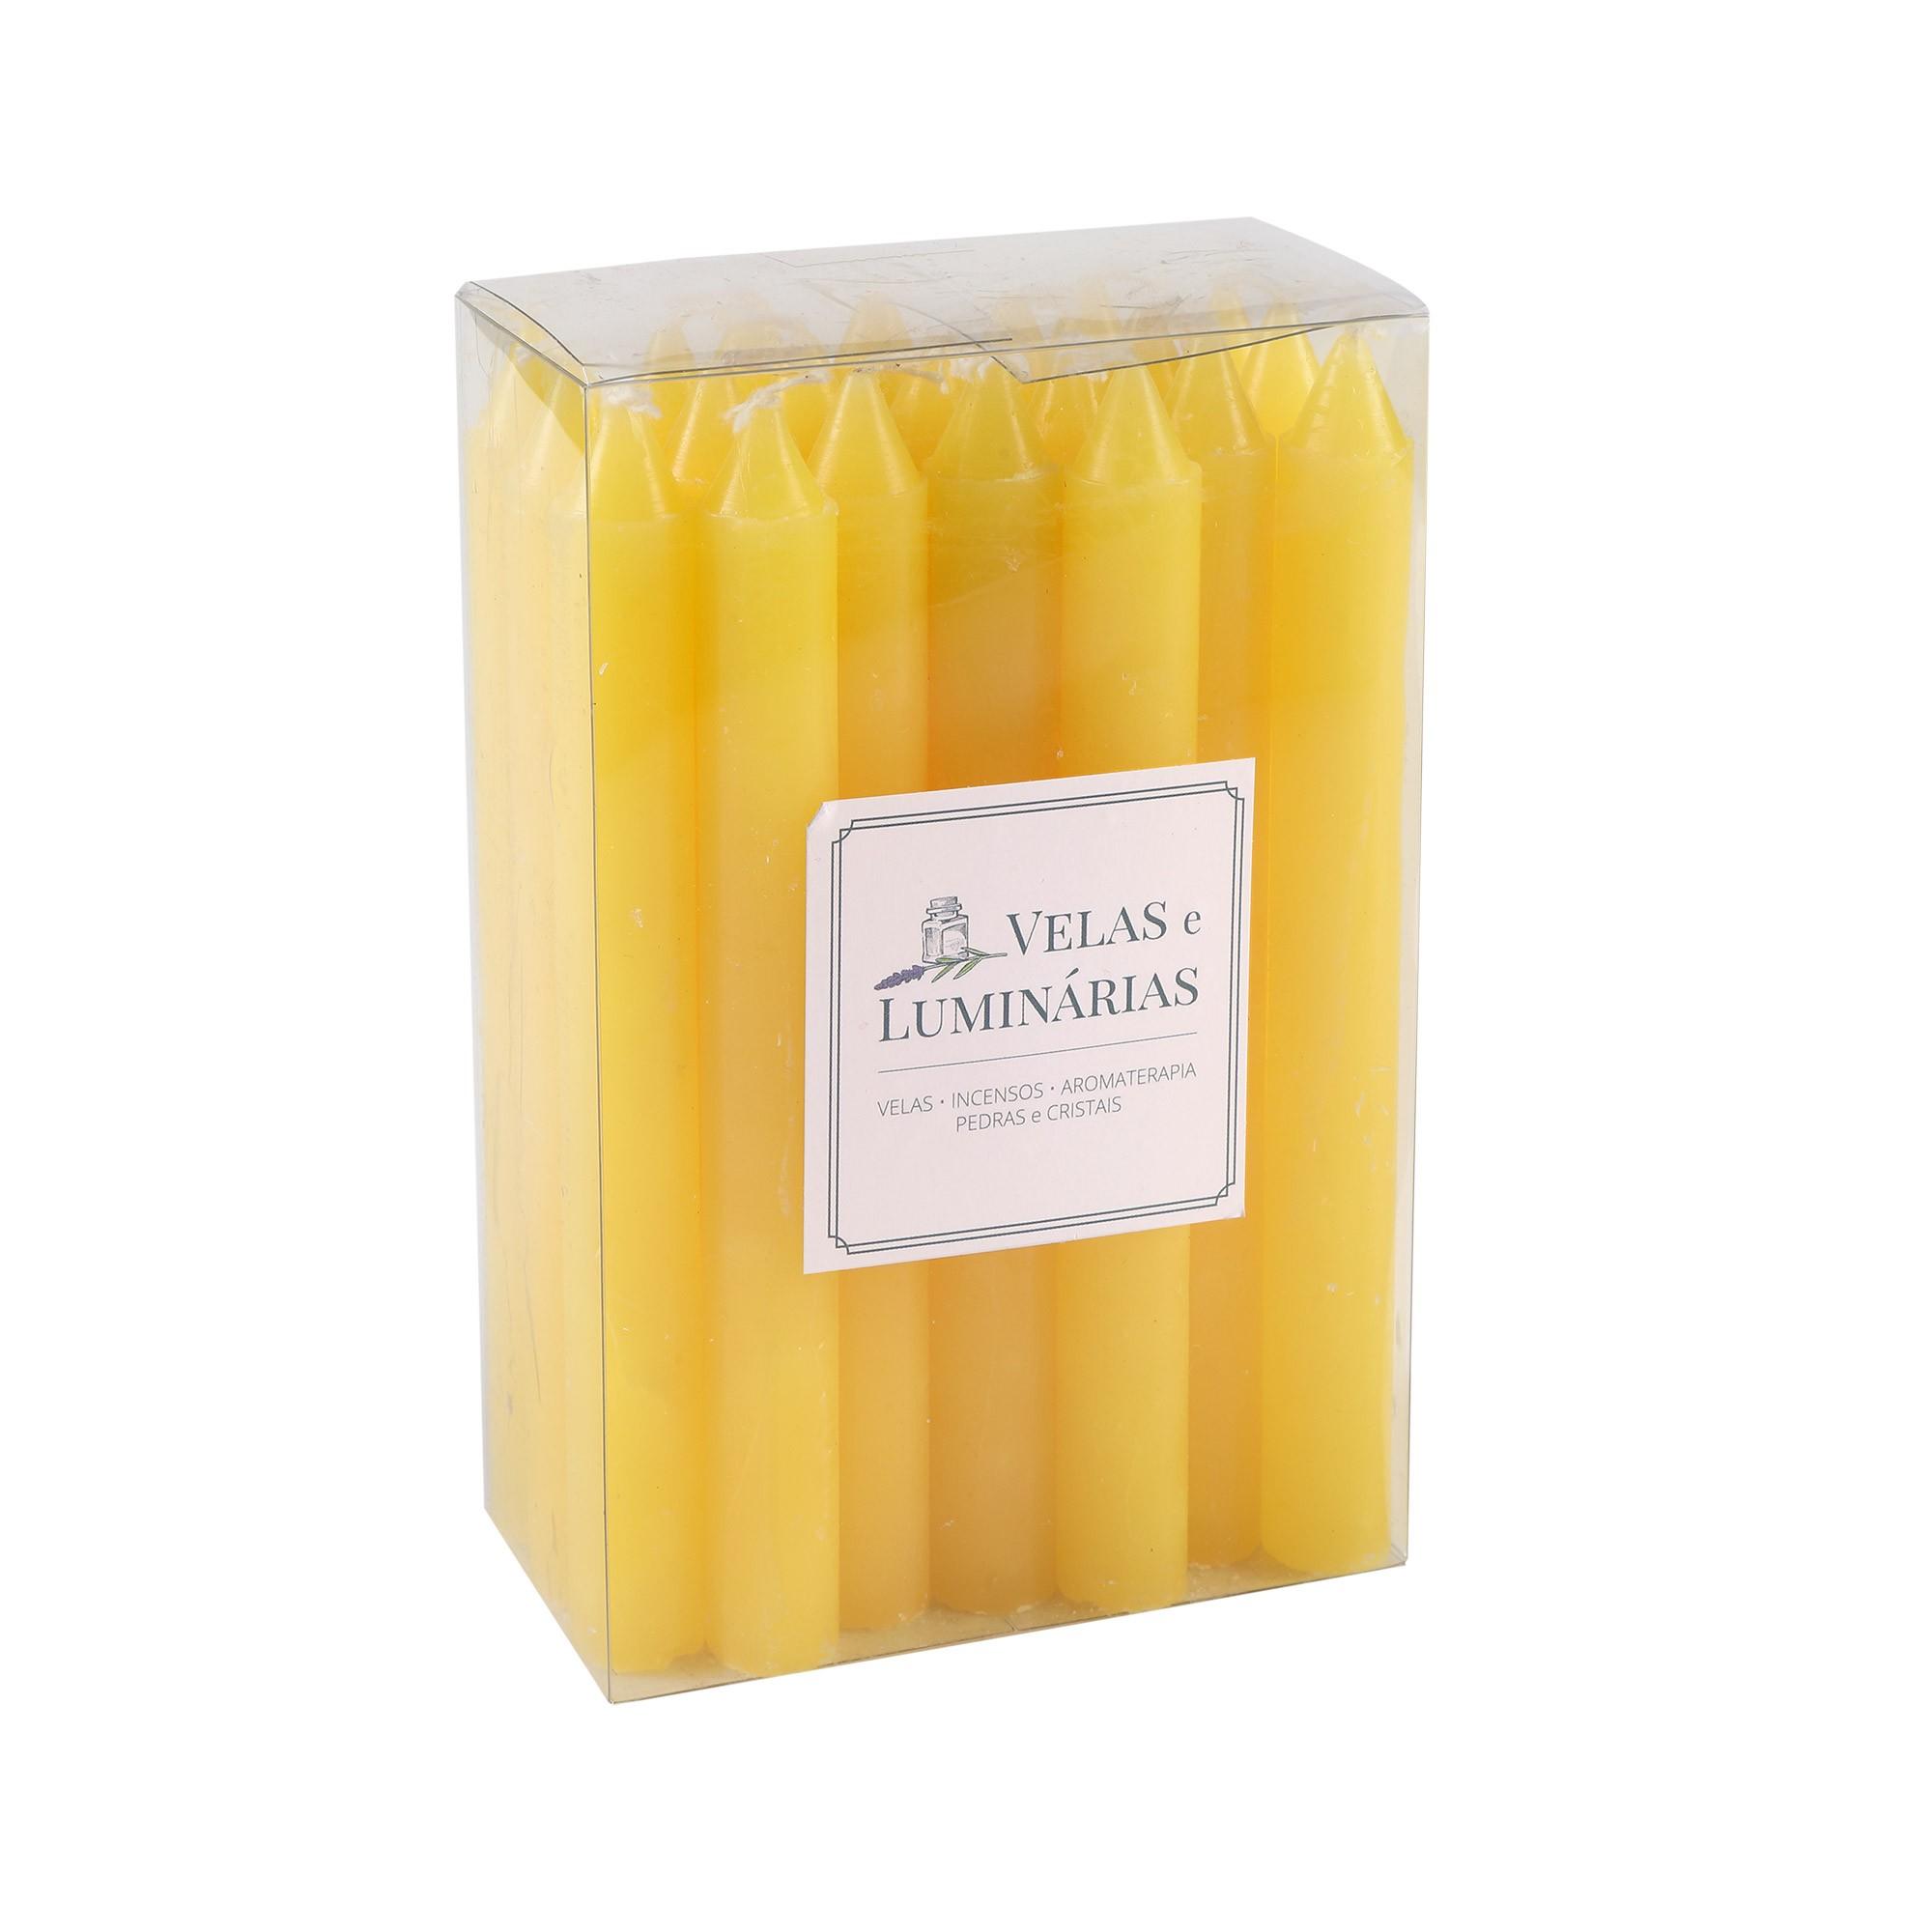 500 g de vela palito de mel